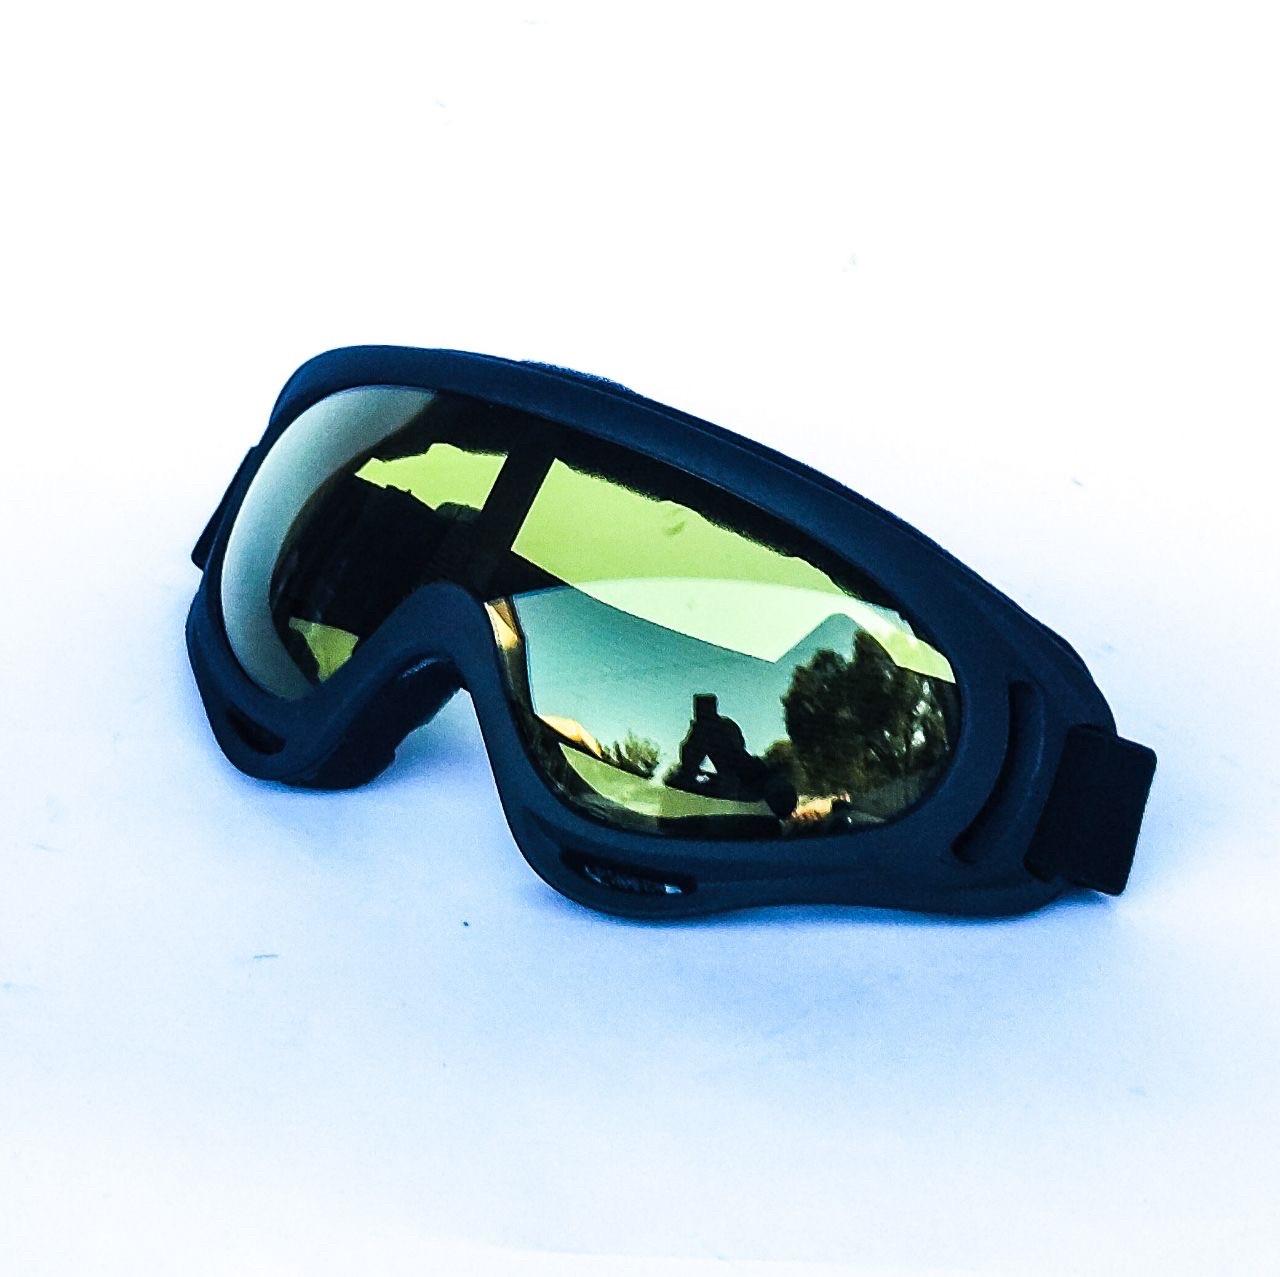 Очки для лыжы